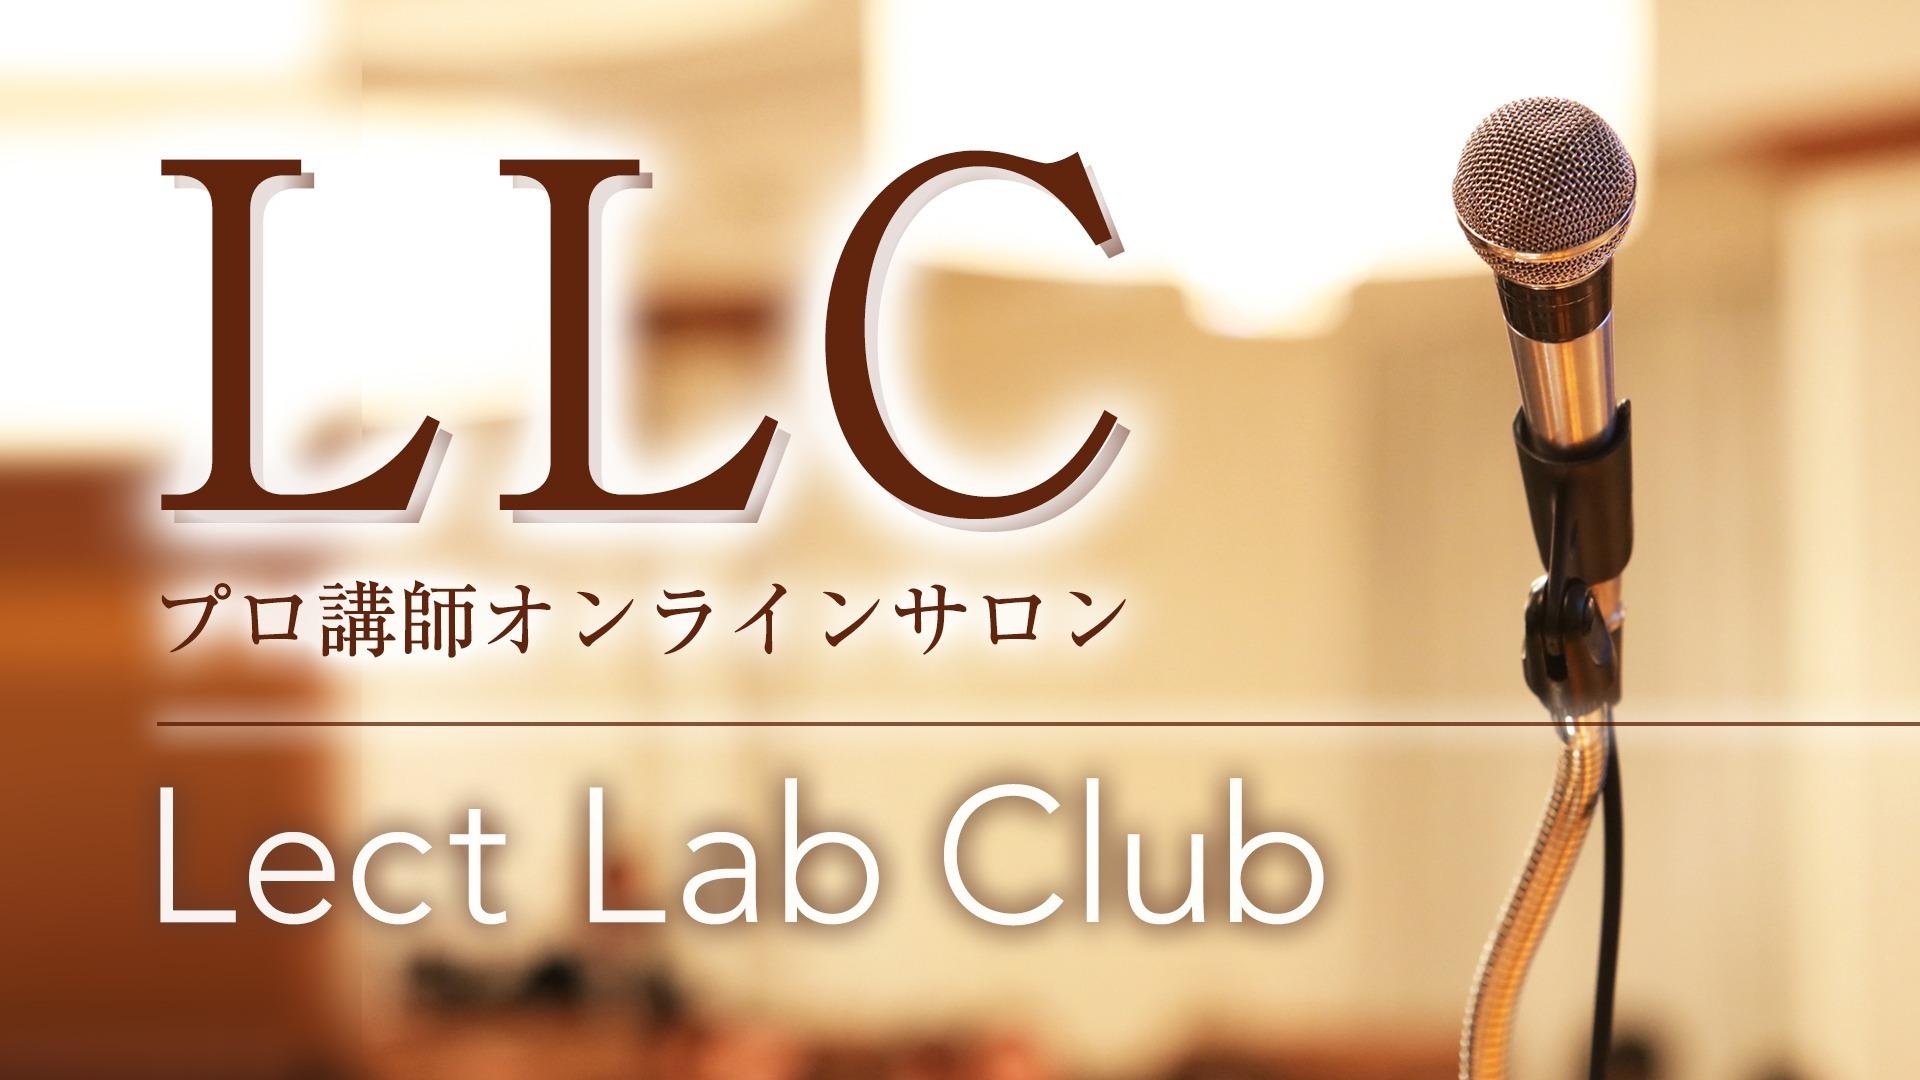 Lect Lab Club プロ講師サロン